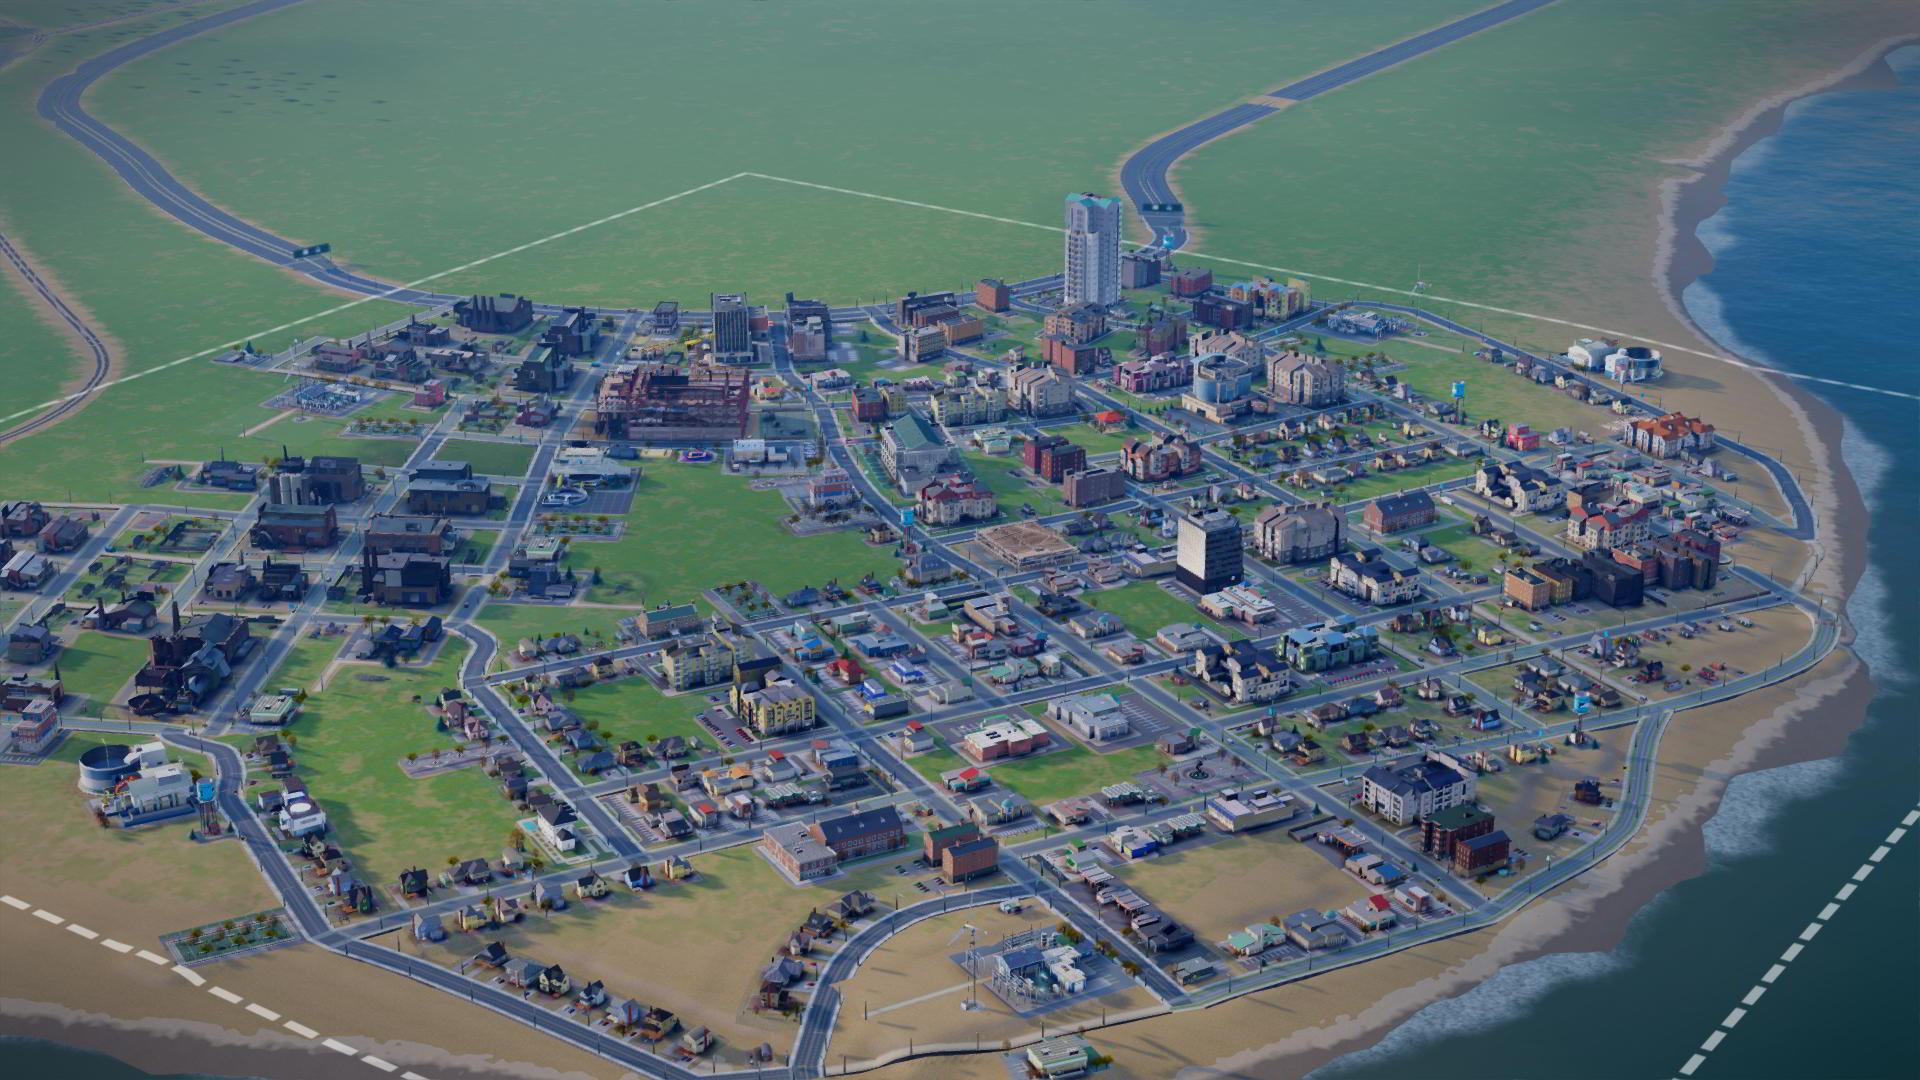 EA/Maxis detallan los juegos con los que compensarán a los jugadores de SimCity [Right]